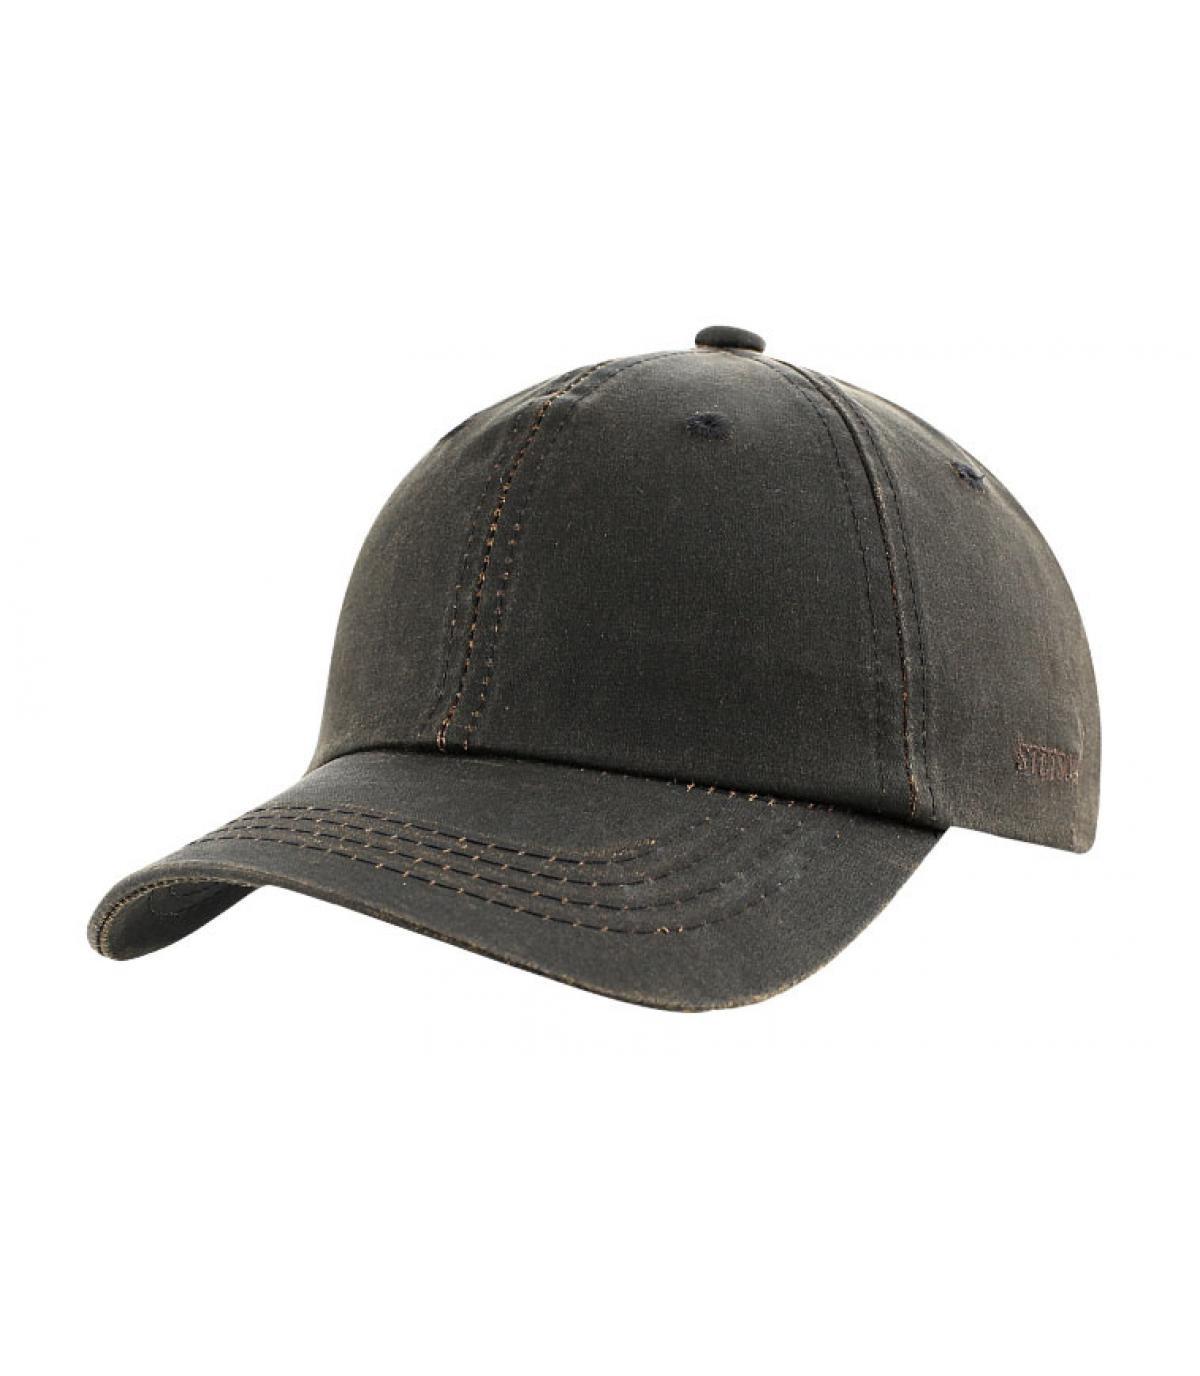 Trucker cap Stetson